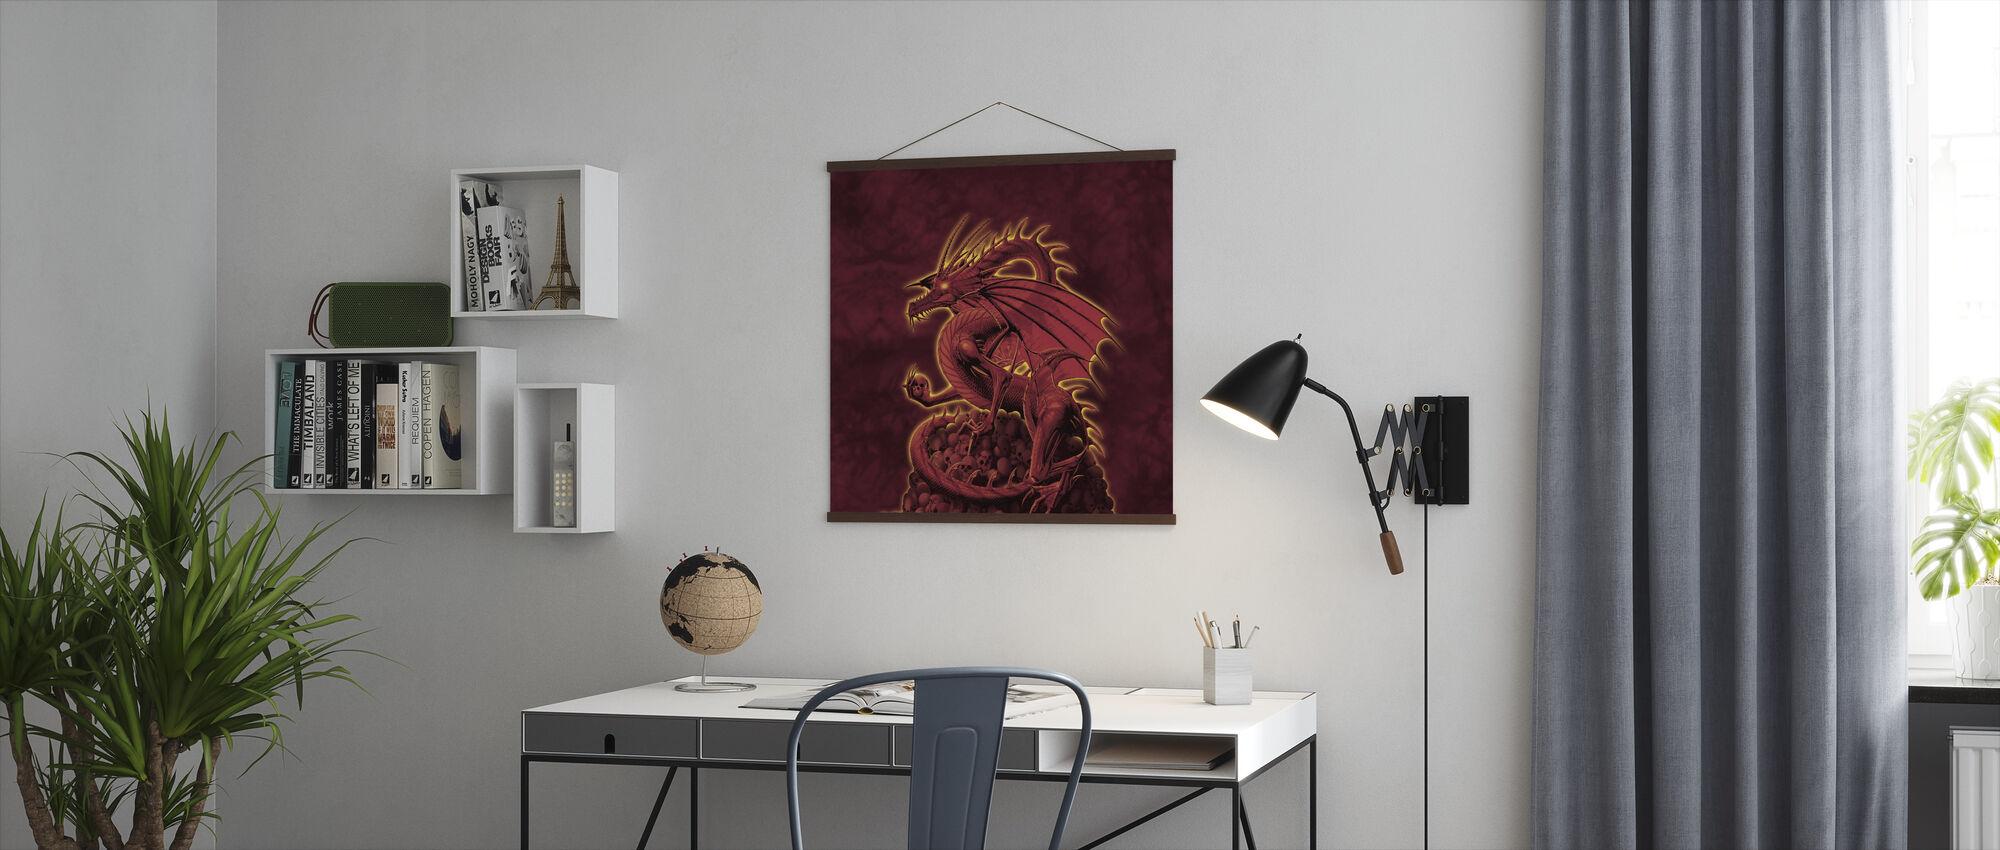 Afschaffing rode versie - Poster - Kantoor